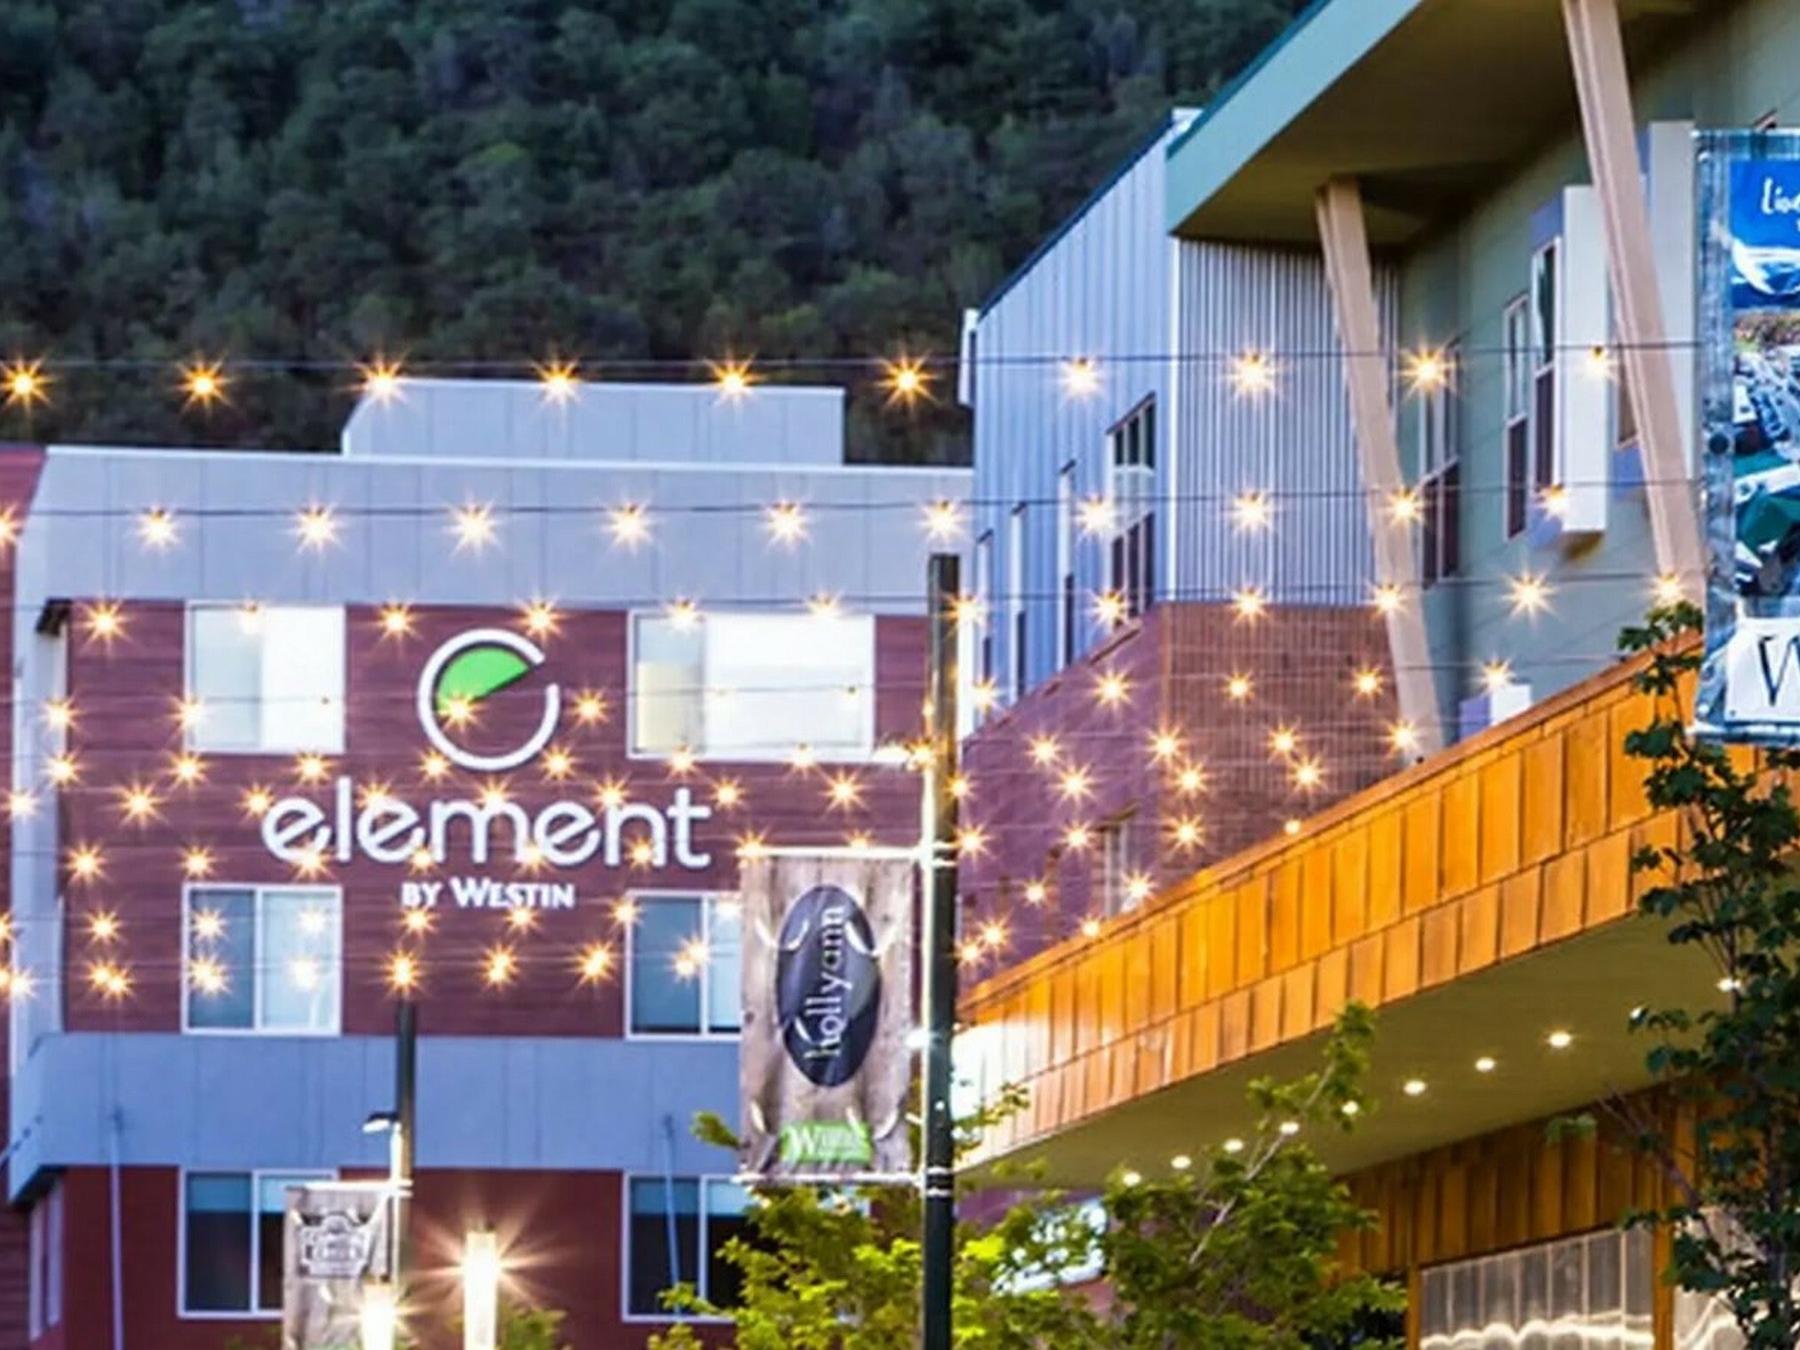 Element Hotel Willits